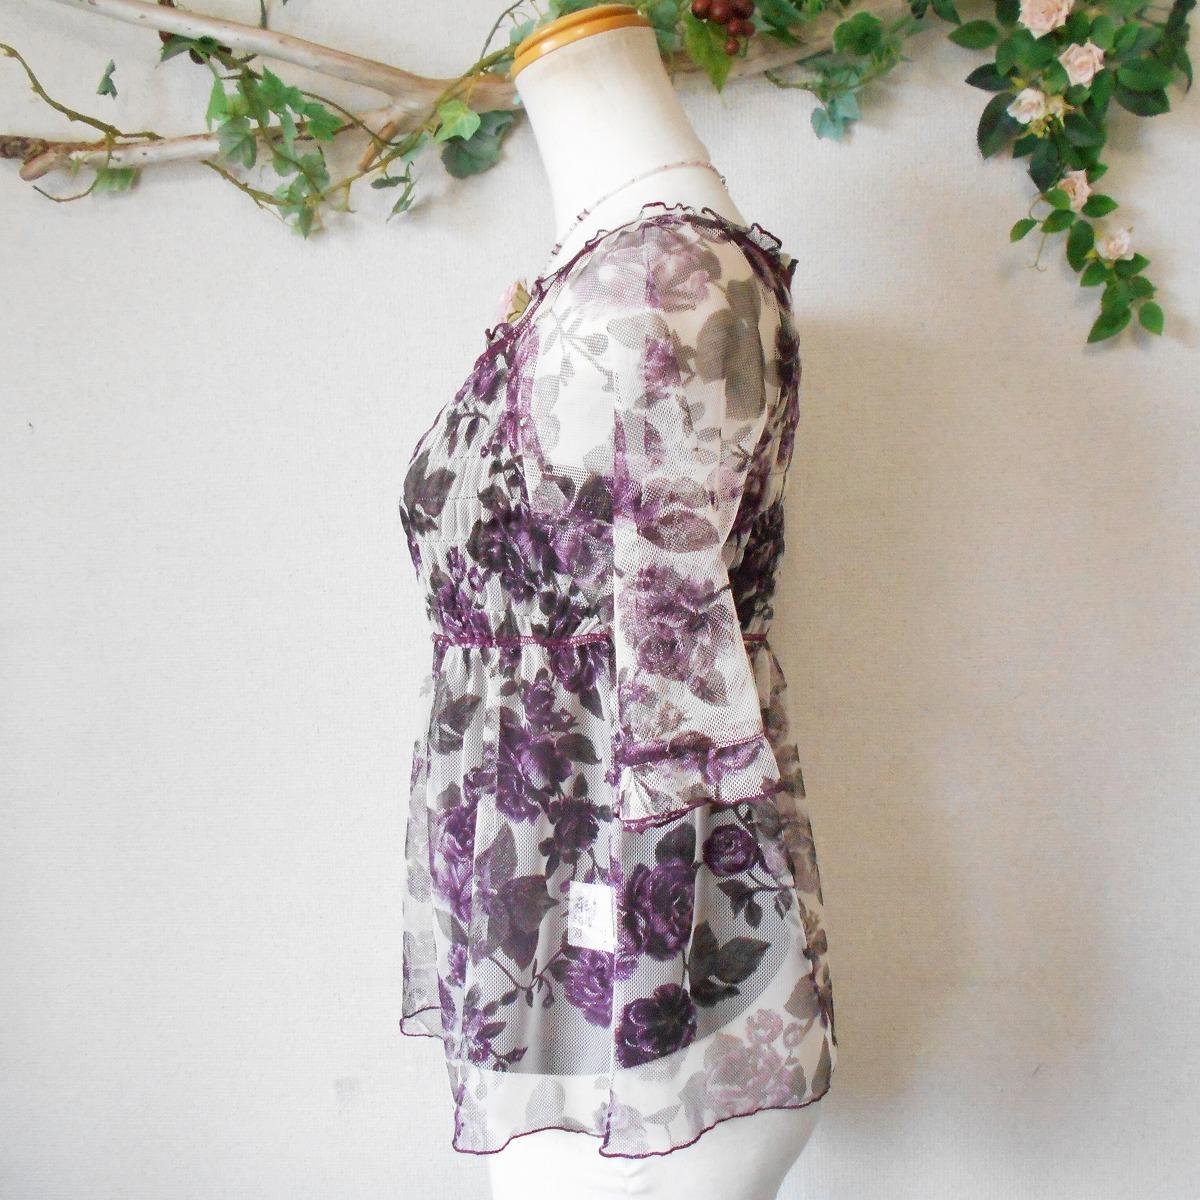 レストローズ LEST ROSE 総 チュール 使用 花柄 の 可愛い 5分袖 カットソー ブラウス 日本製 M キャミ付き_画像5